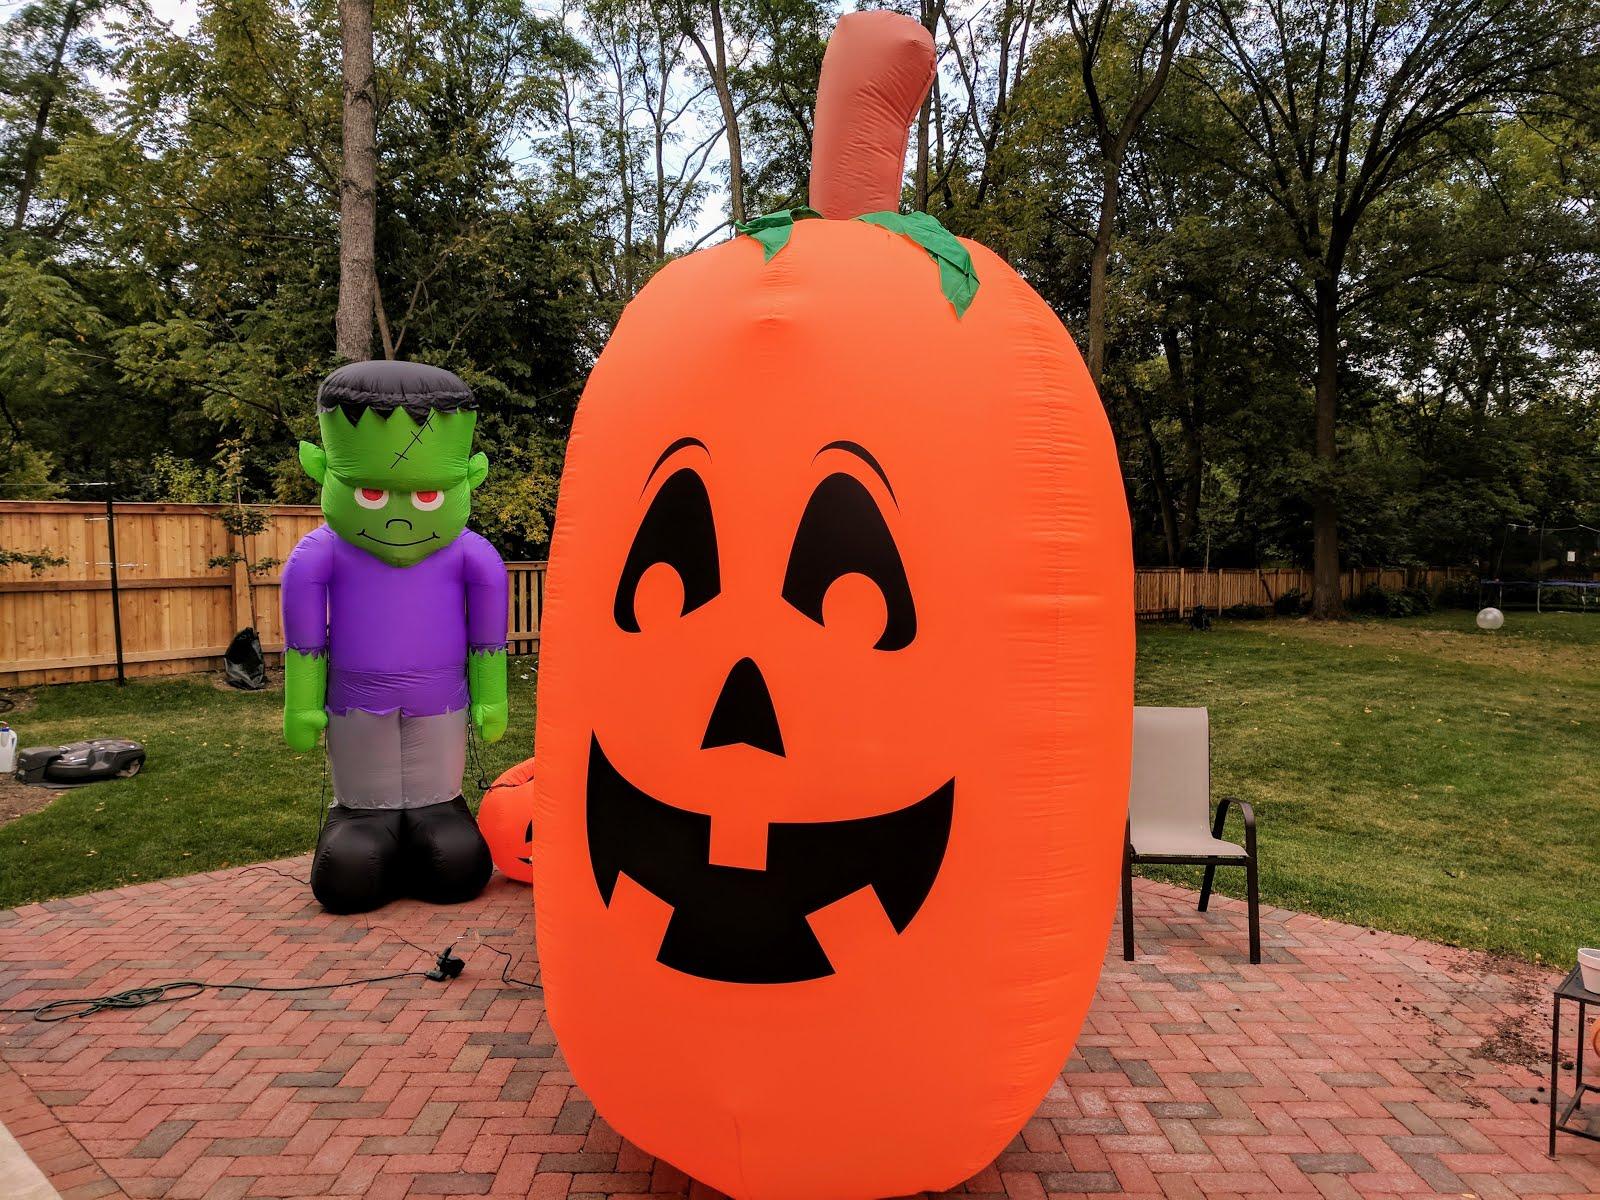 halloween inflatables - big pumpkin and frankenstein